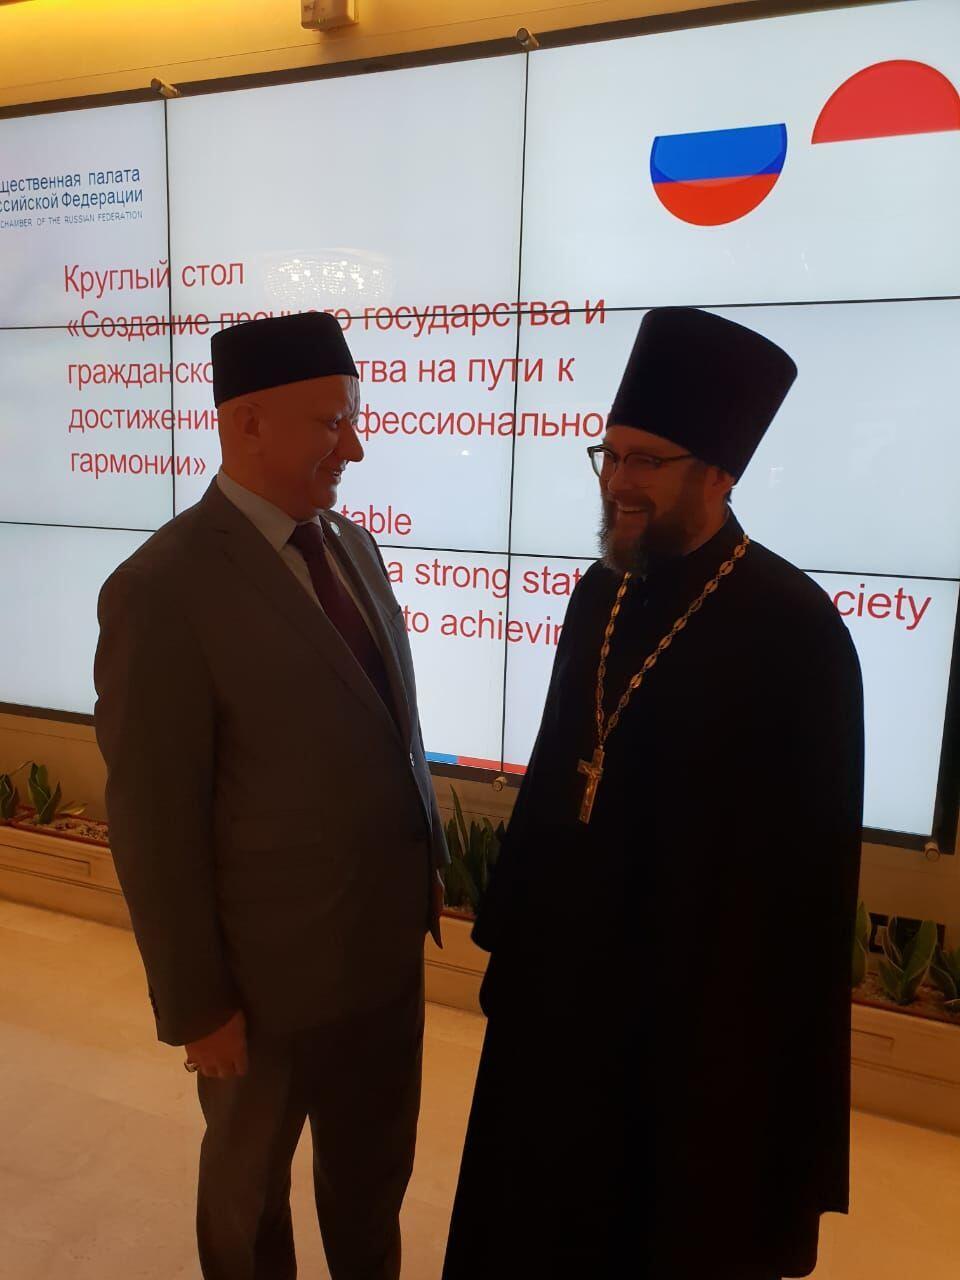 Ketika Presiden Putin Gencar Mendekati Penganut Islam di Rusia